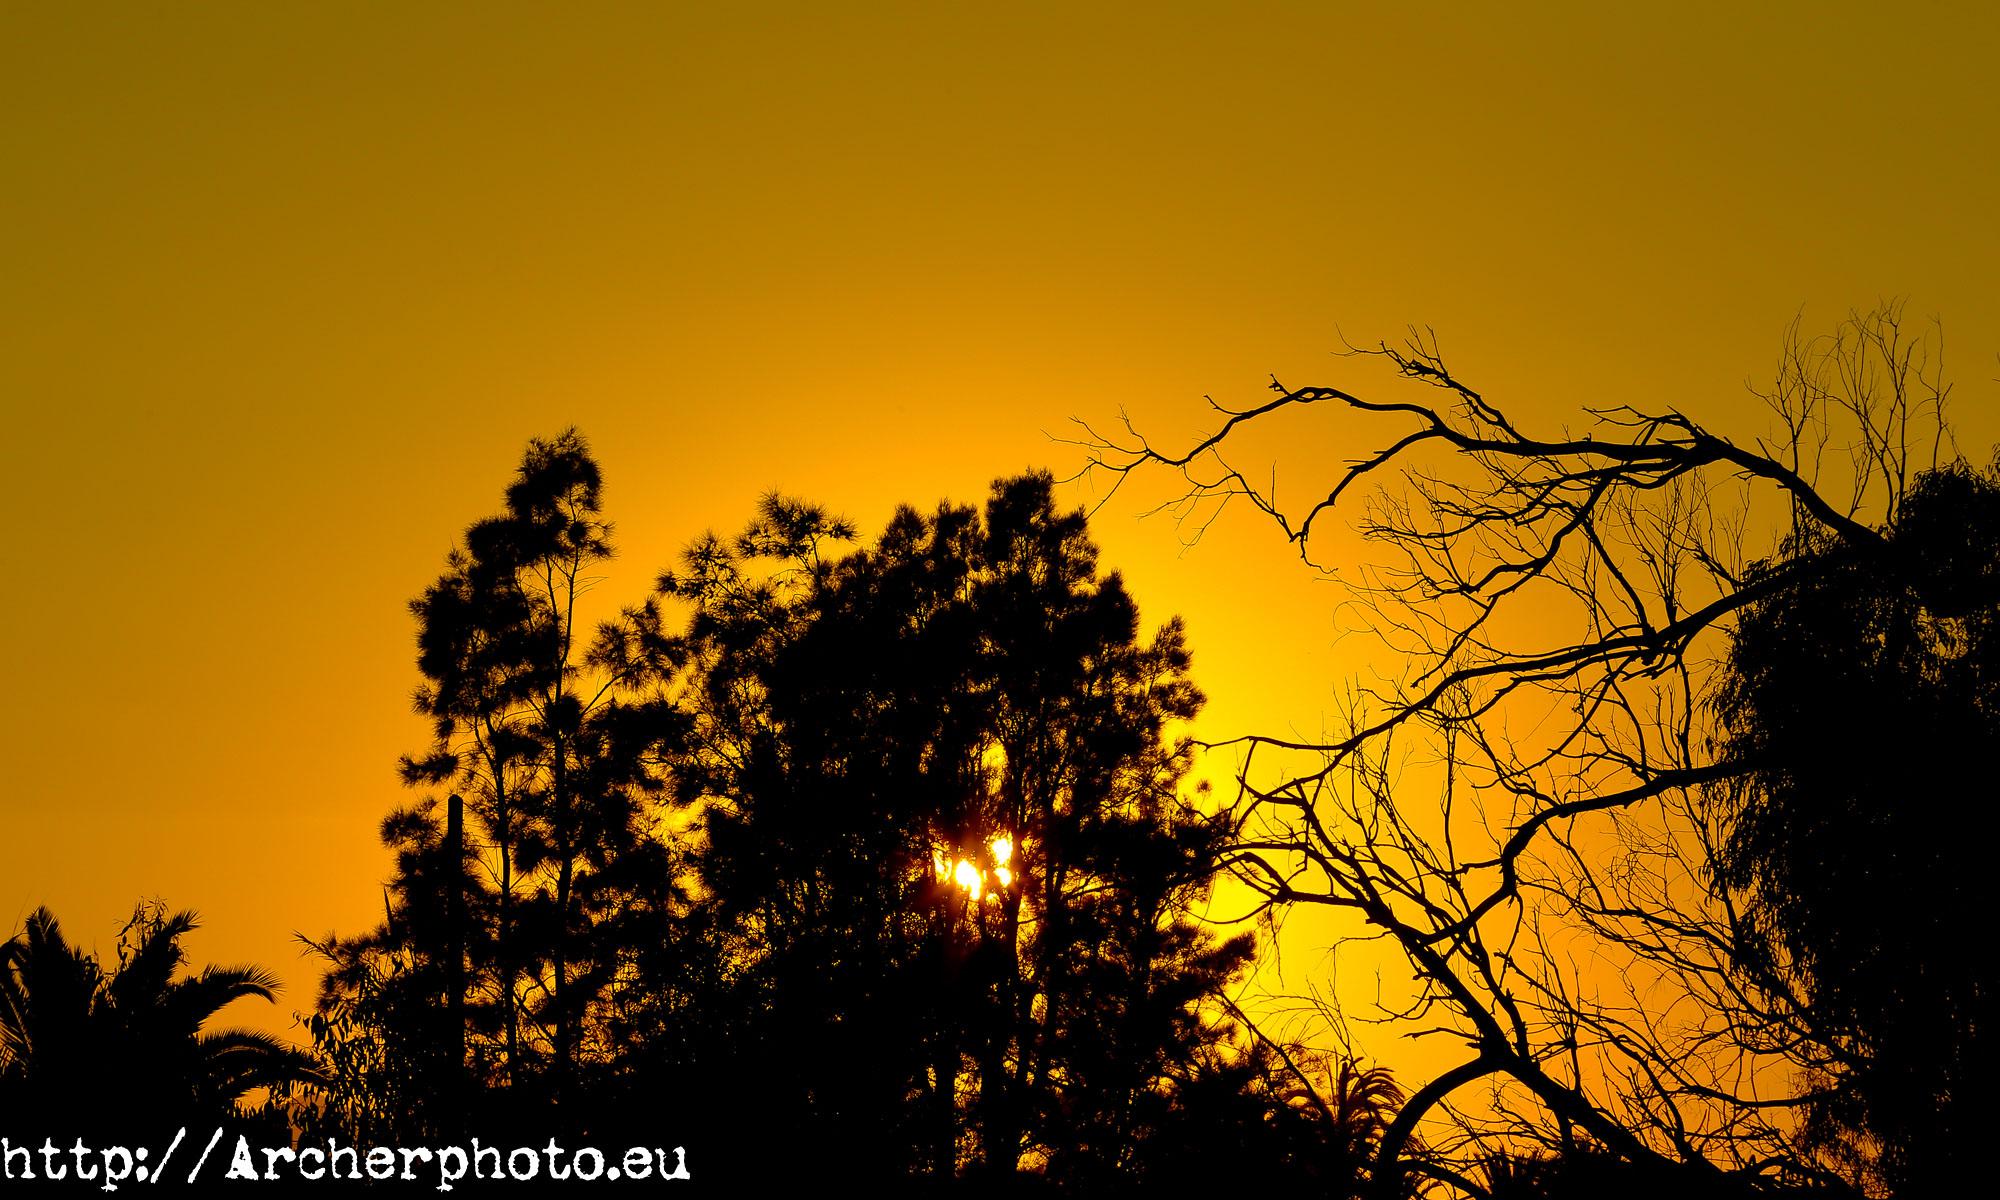 fotografo profesional Valencia España, Archerphoto, imagen de cabecera,atardecer con árboles a contraluz